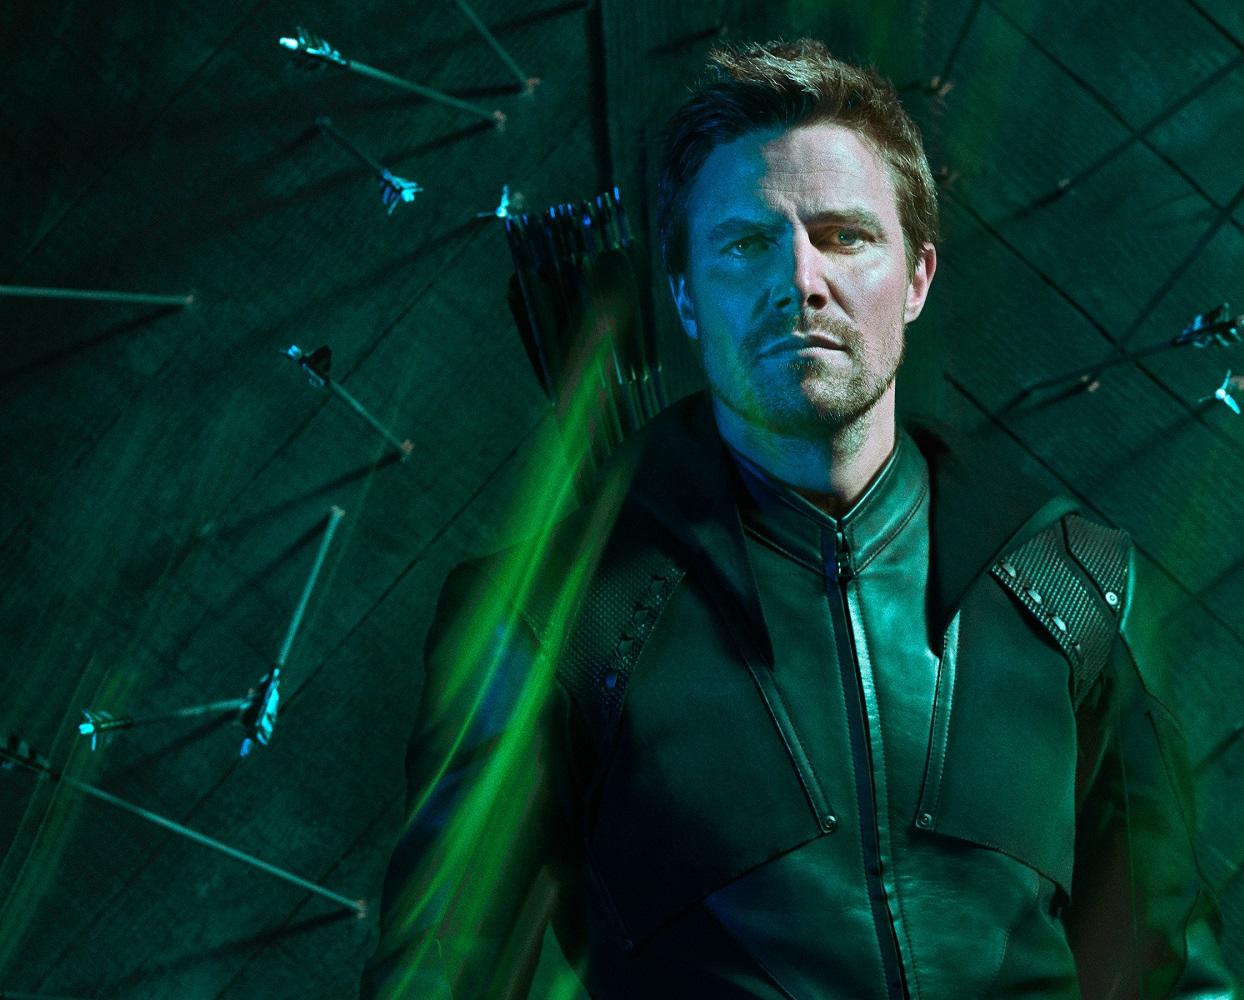 Stephen Amell vive o personagem principal de Arrow (Foto: Divulgação)